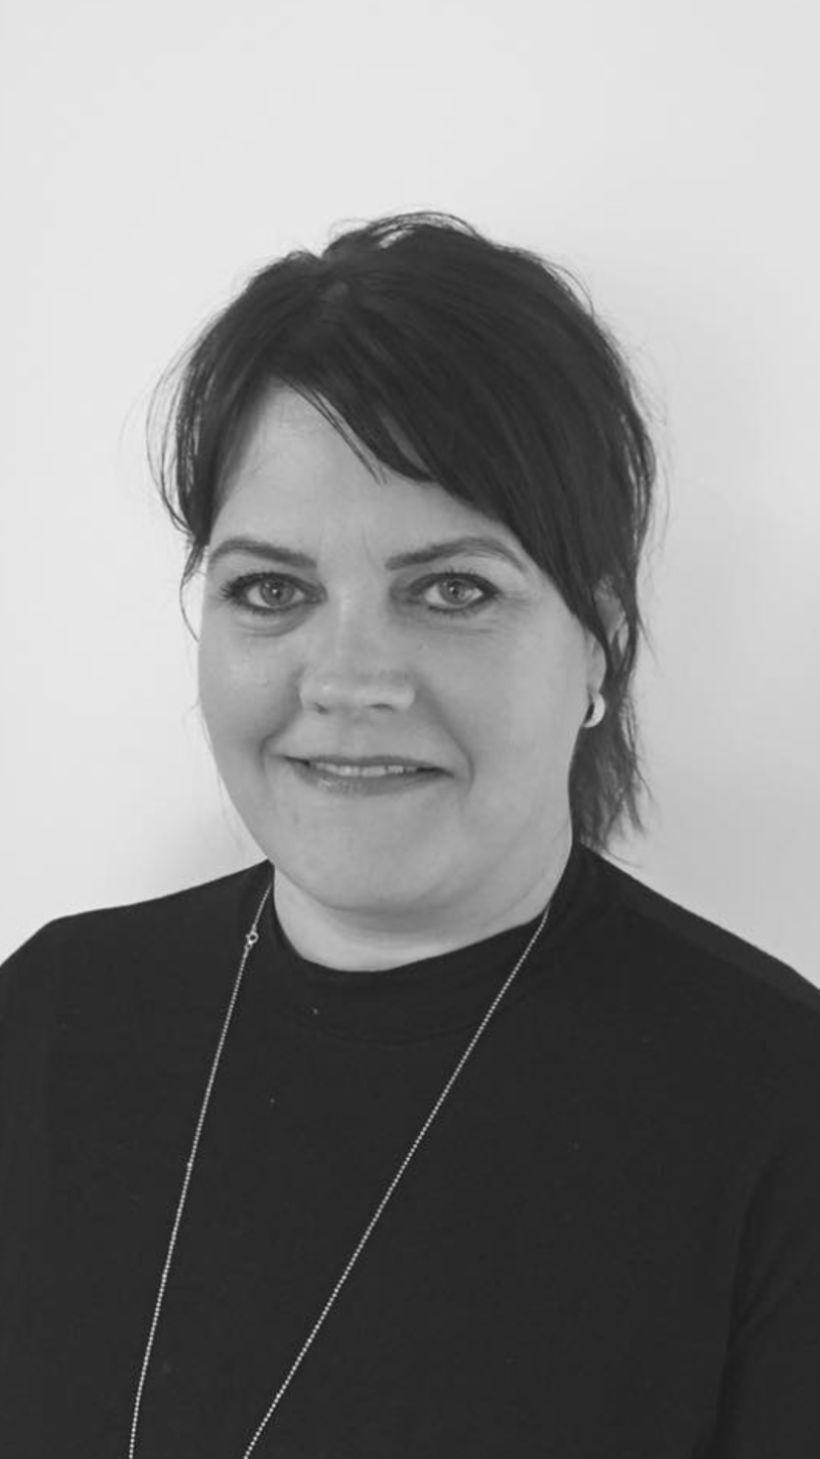 Áslaug Traustadóttir formaður Félags íslenskra snyrtifræðinga.